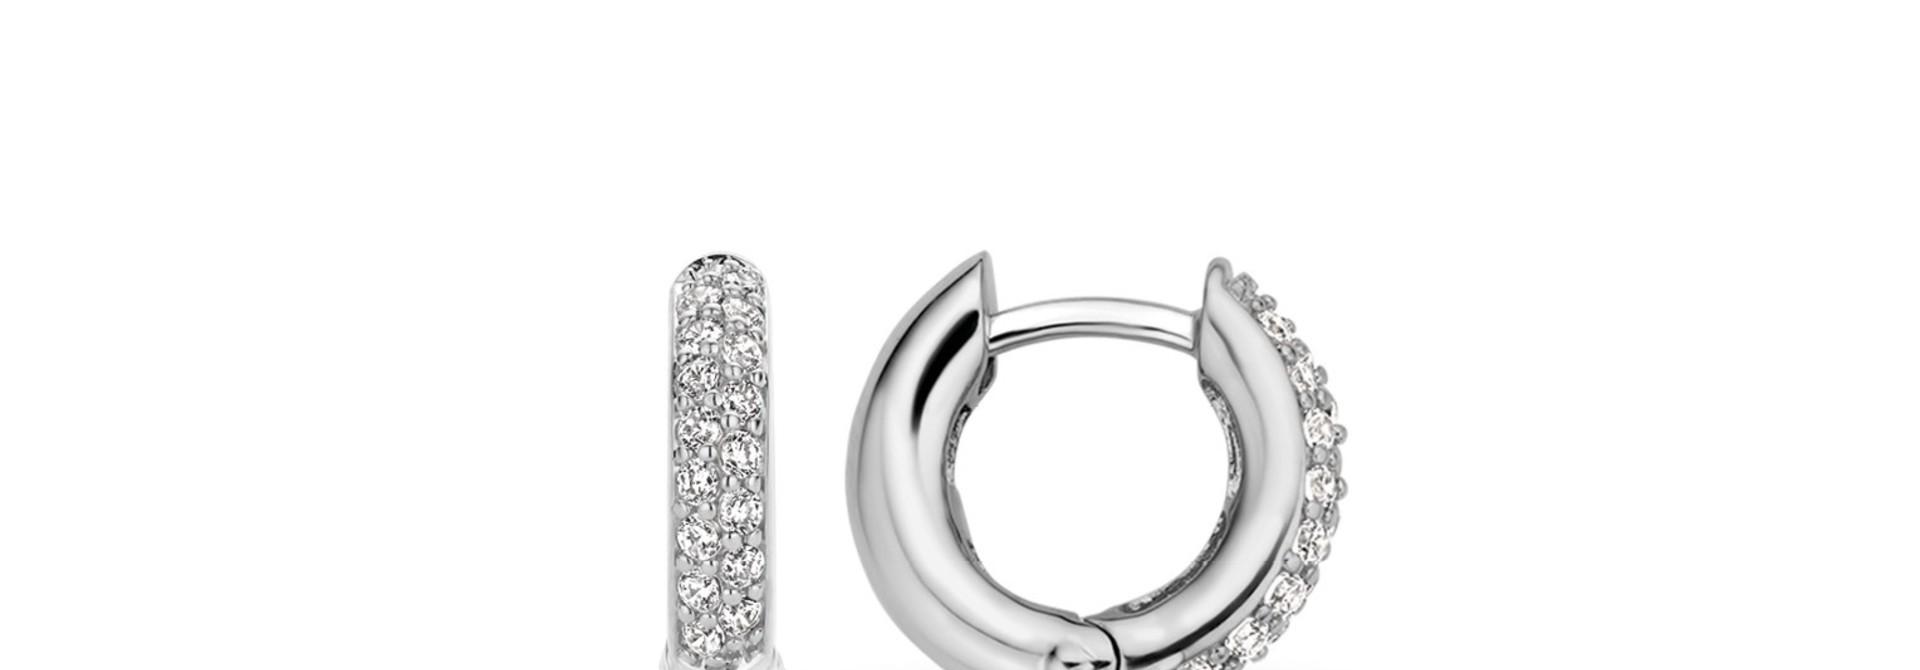 TI SENTO - Milano Earrings 7210ZI